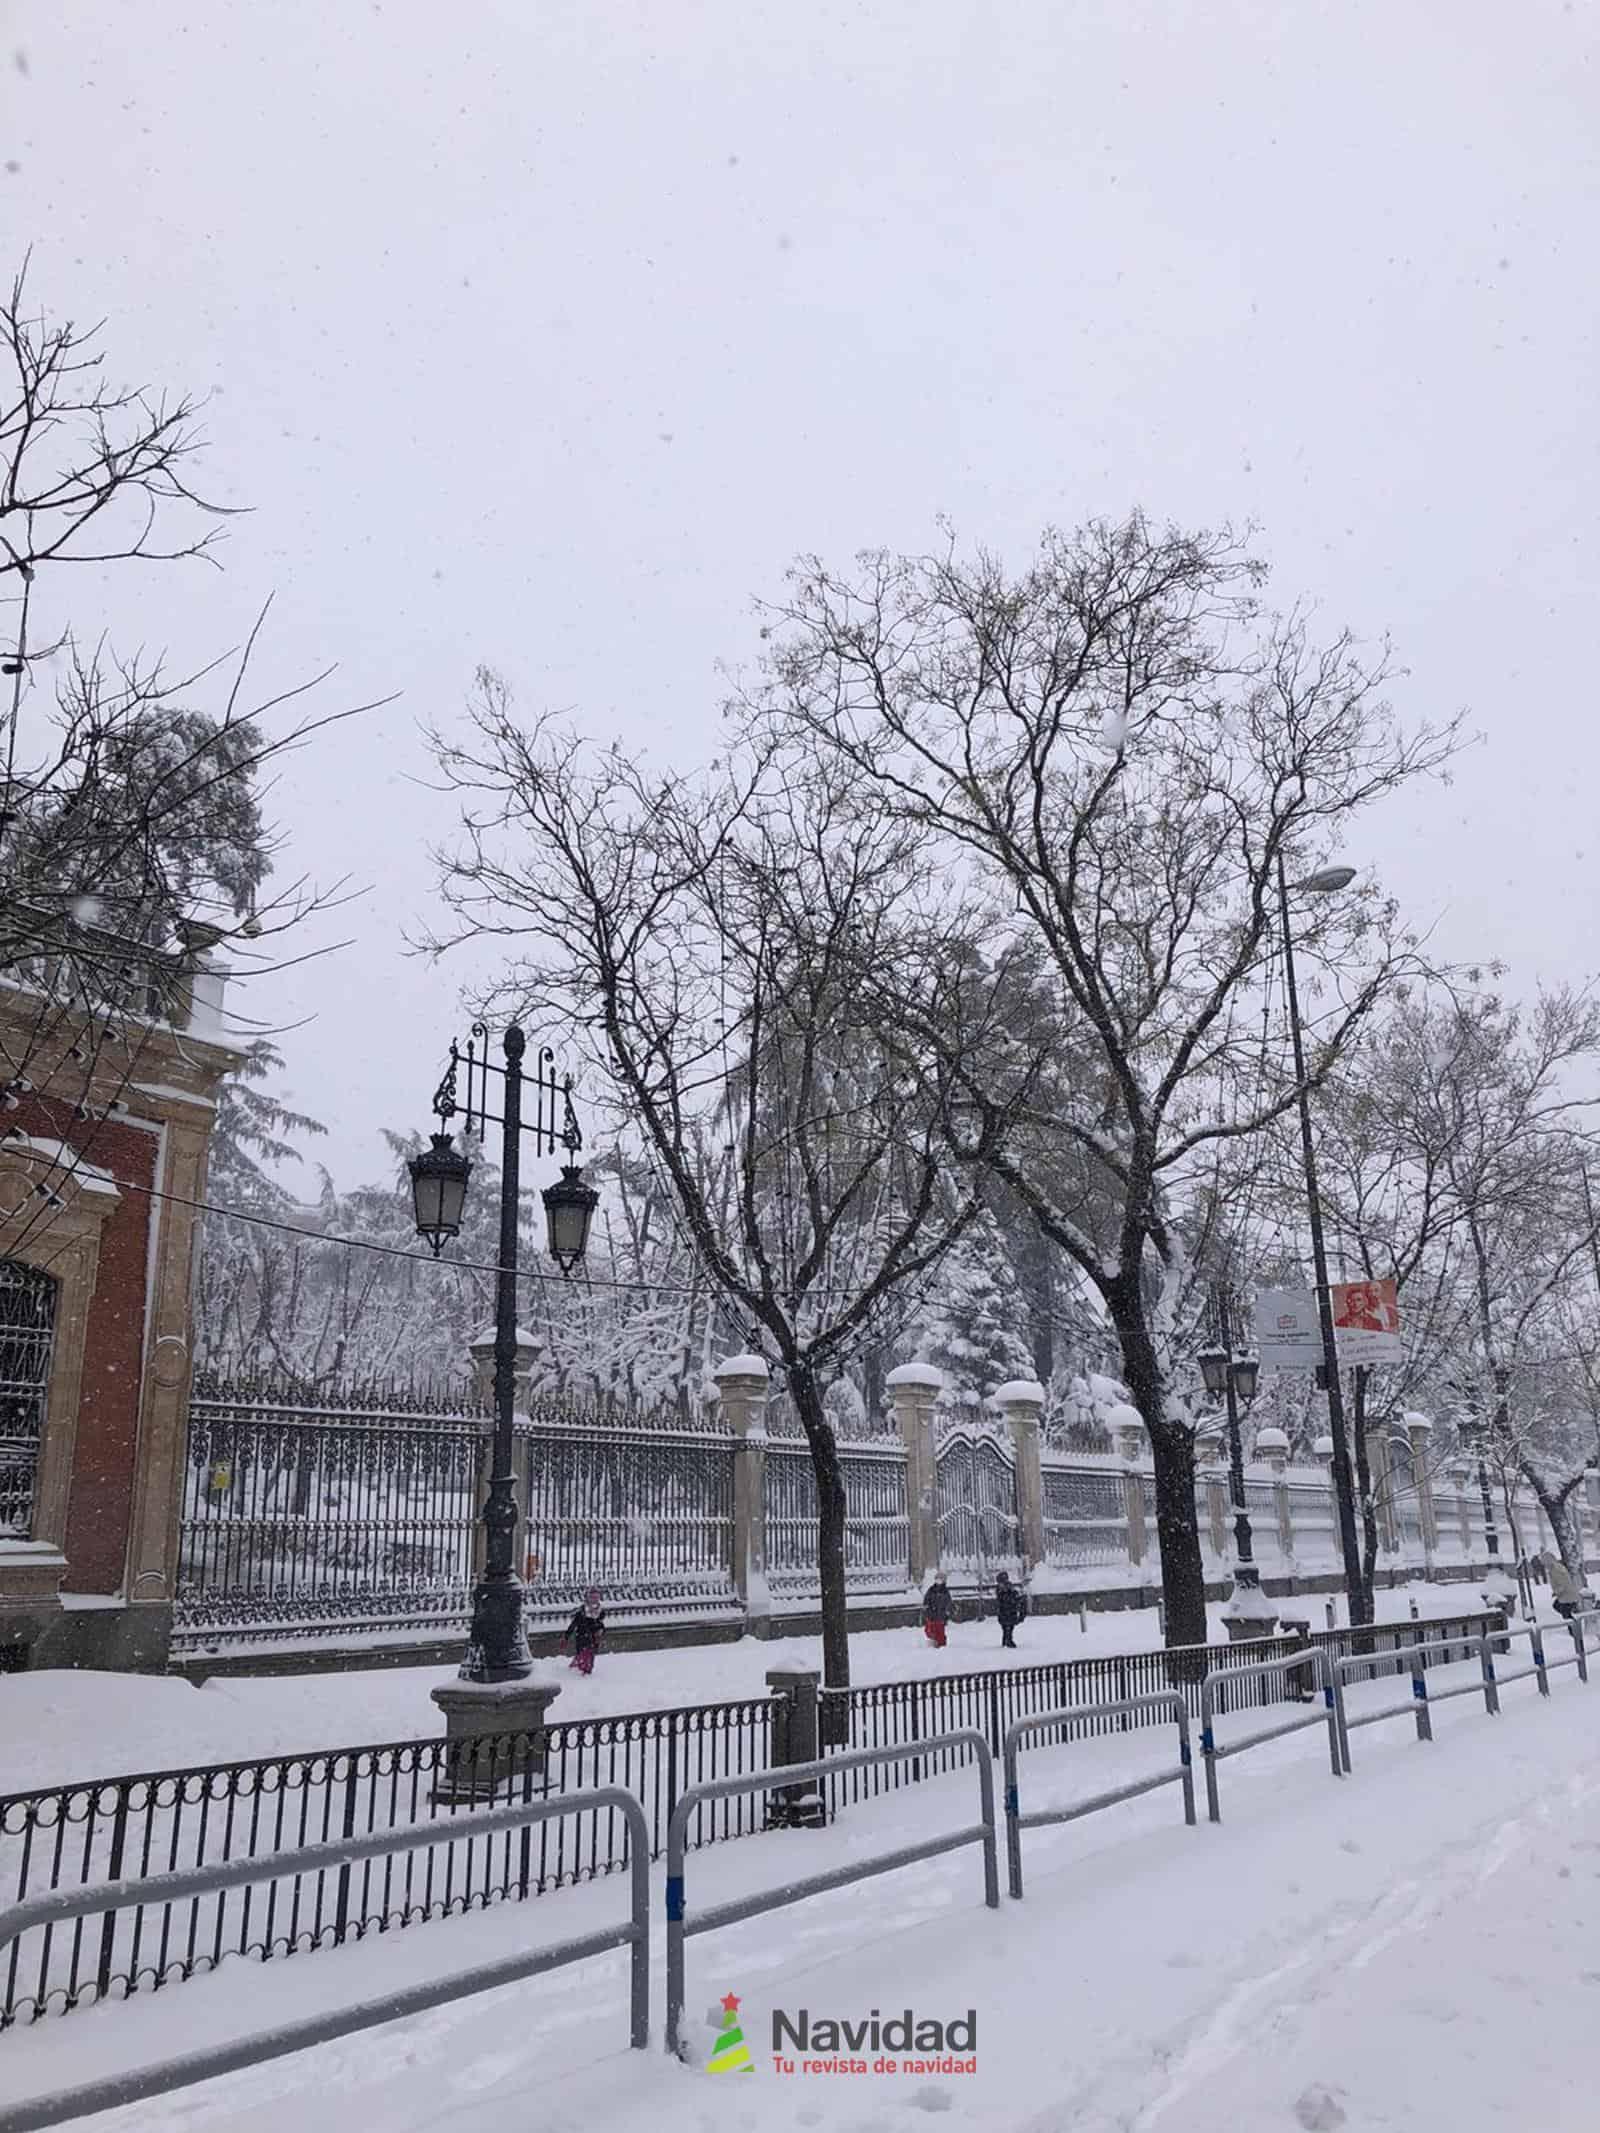 Fotografías de la nevada de enero en Madrid (España) 86